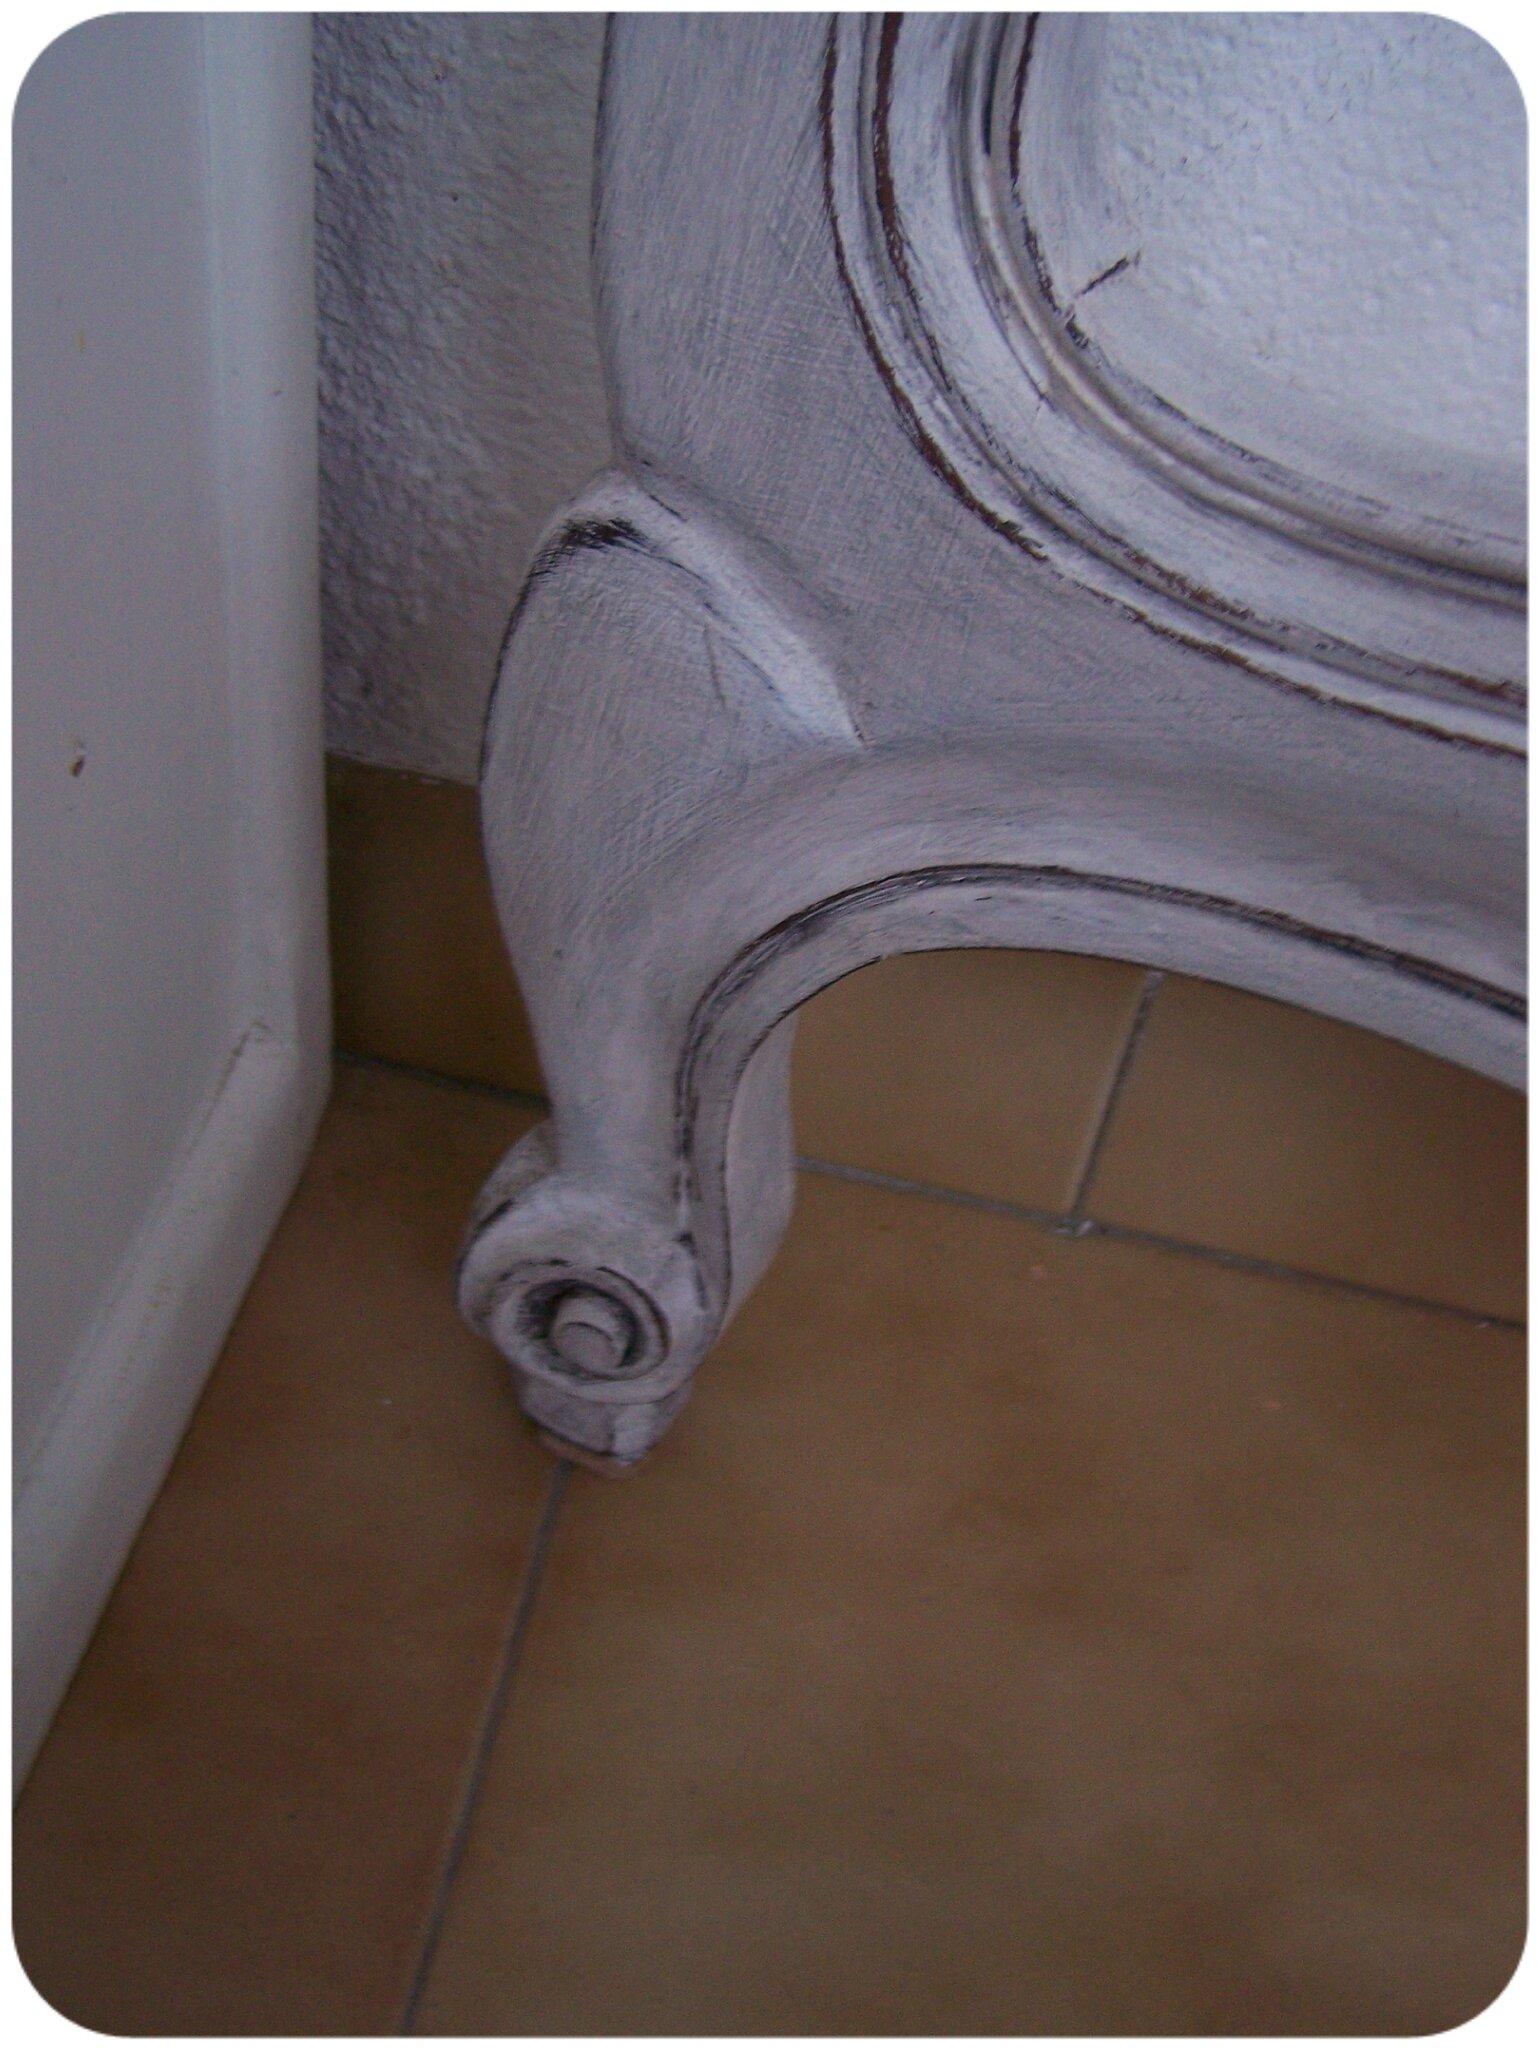 lit patiné detail1